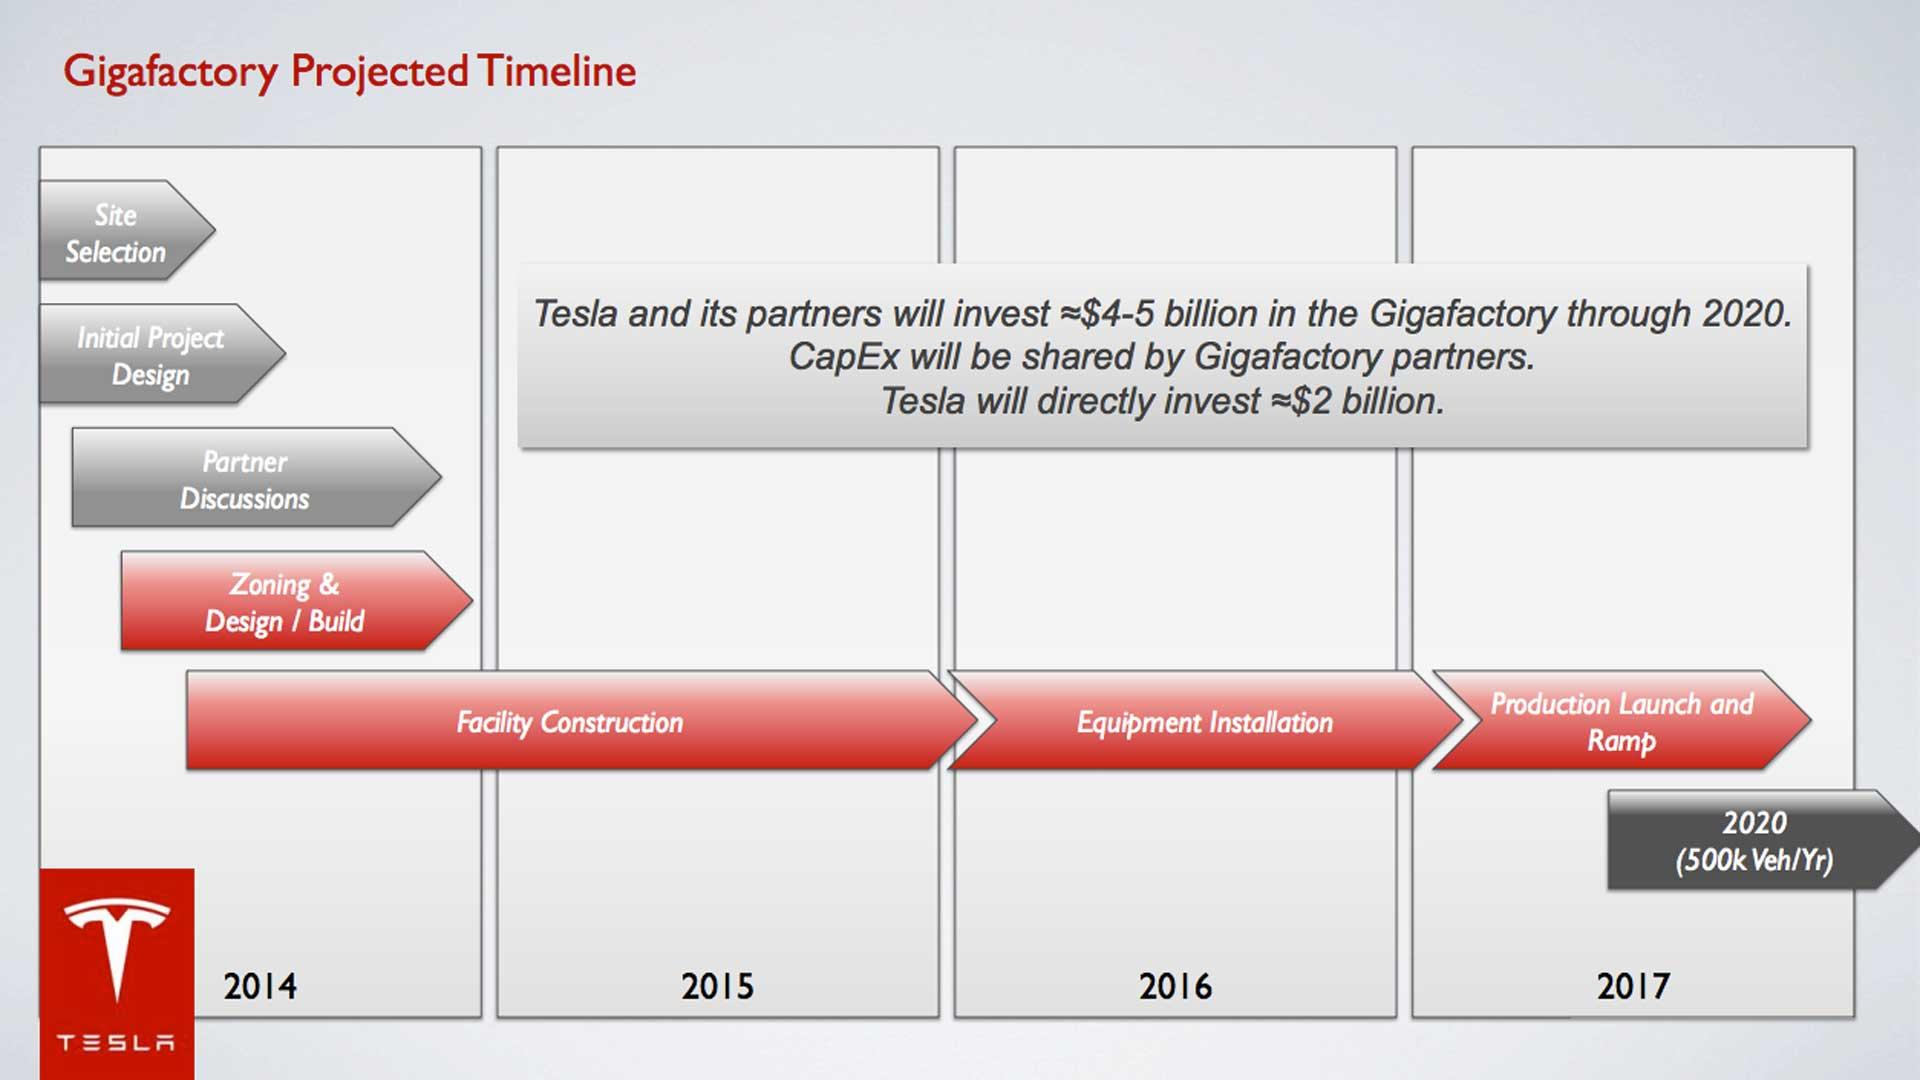 gigafactory_timeline_Tesla